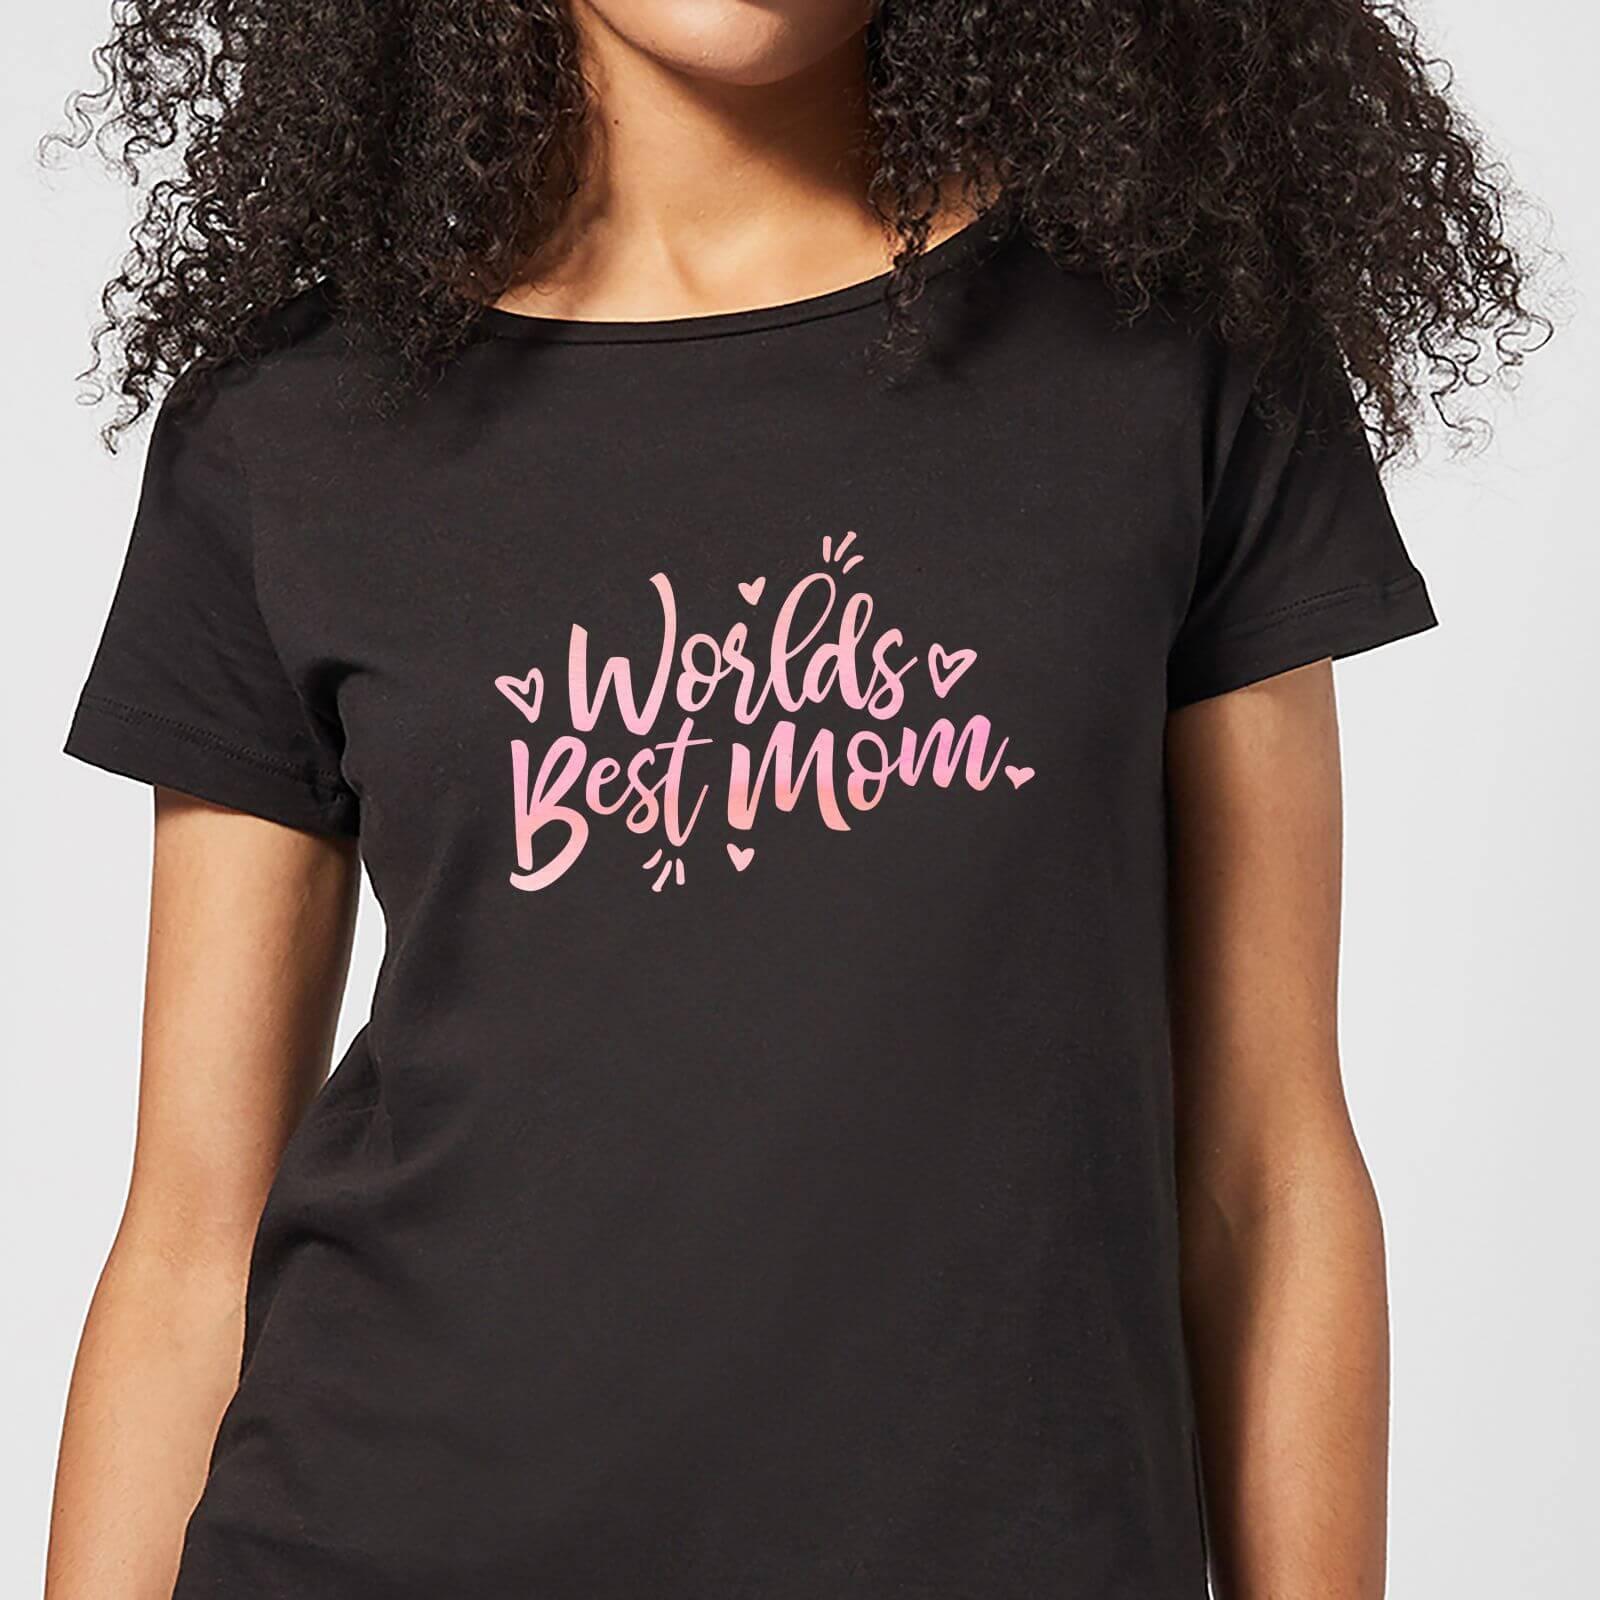 4850926c Worlds Best Mom Women's T-Shirt - Black Clothing | Zavvi